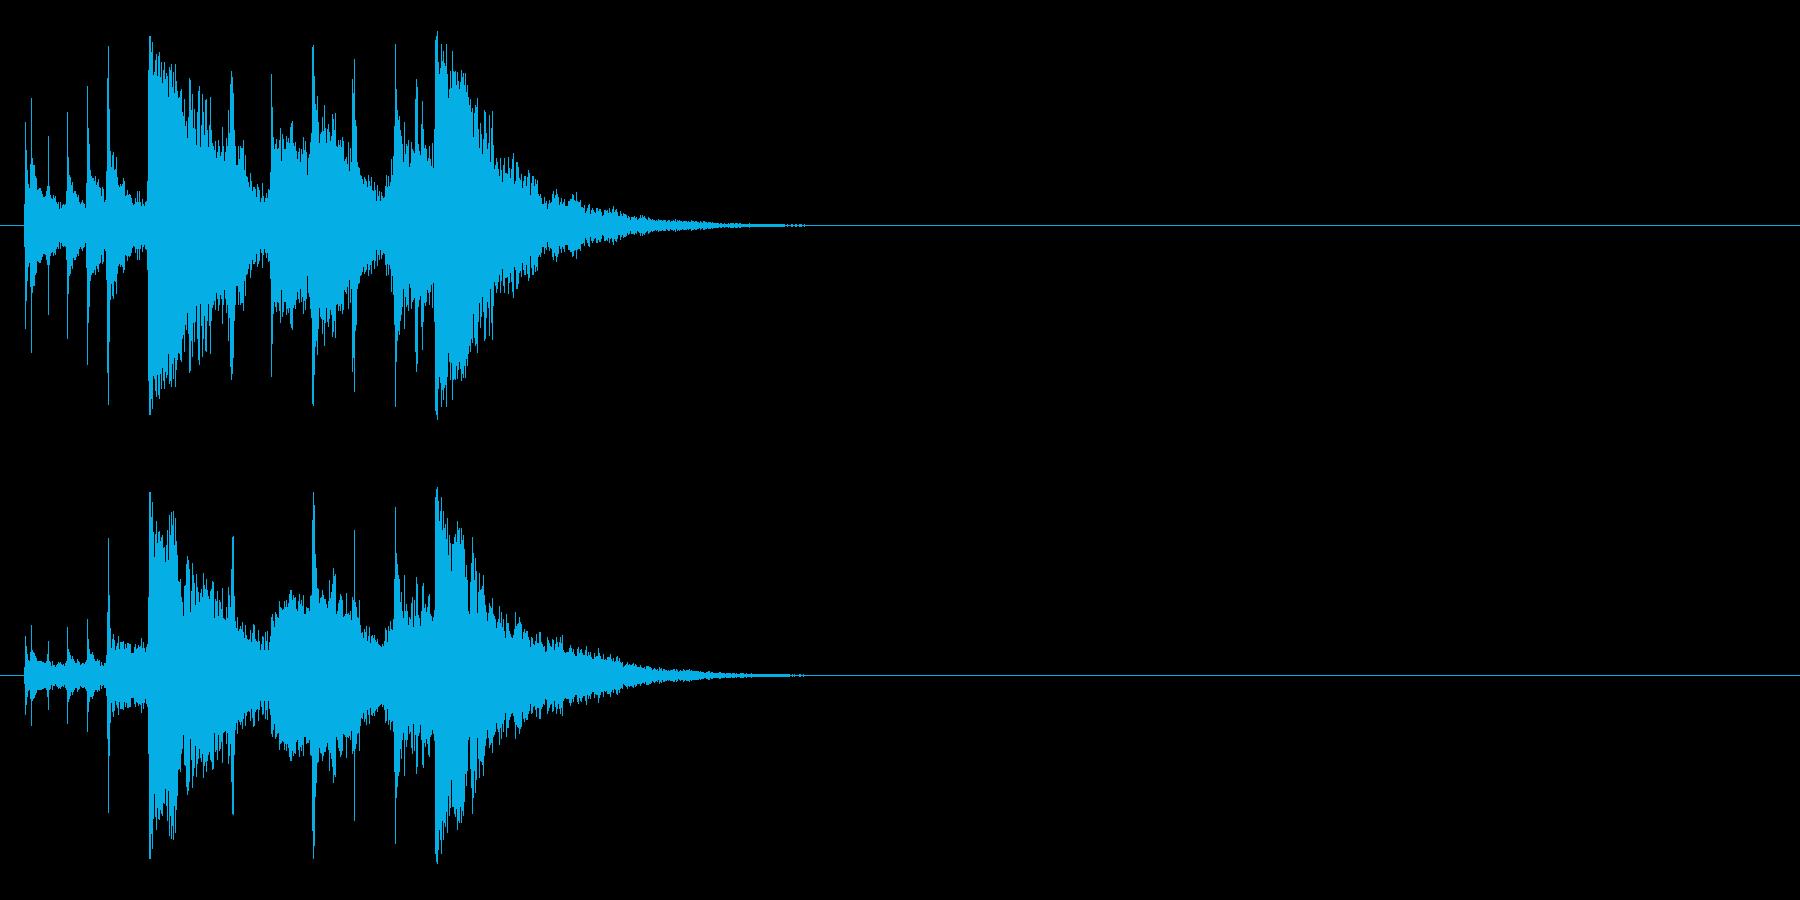 シタールを使用したインド風ジングルの再生済みの波形